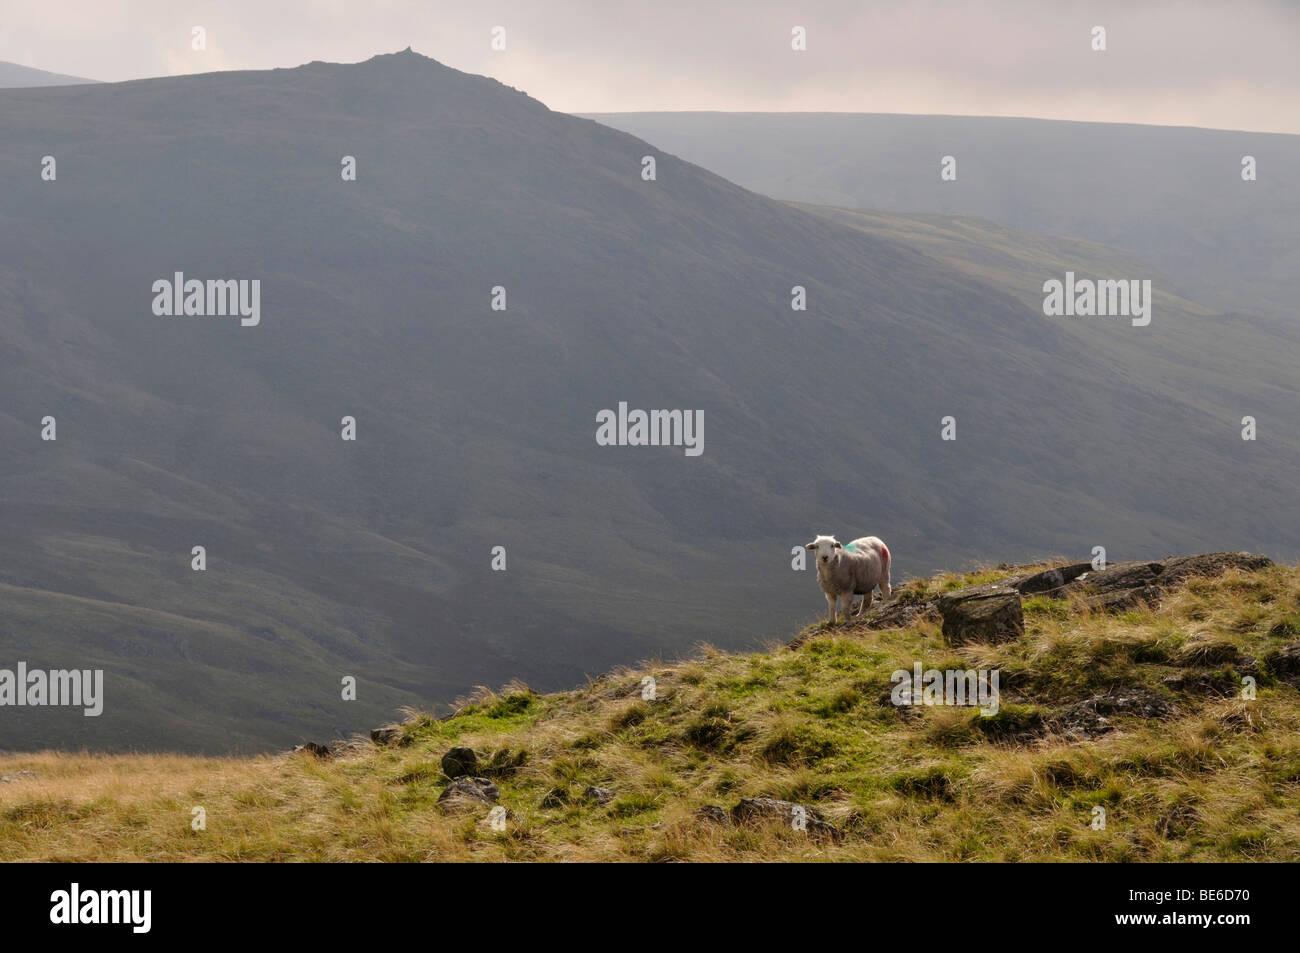 Les moutons près de Stainton Pike, Ulpha fells, Lake District, Angleterre Banque D'Images